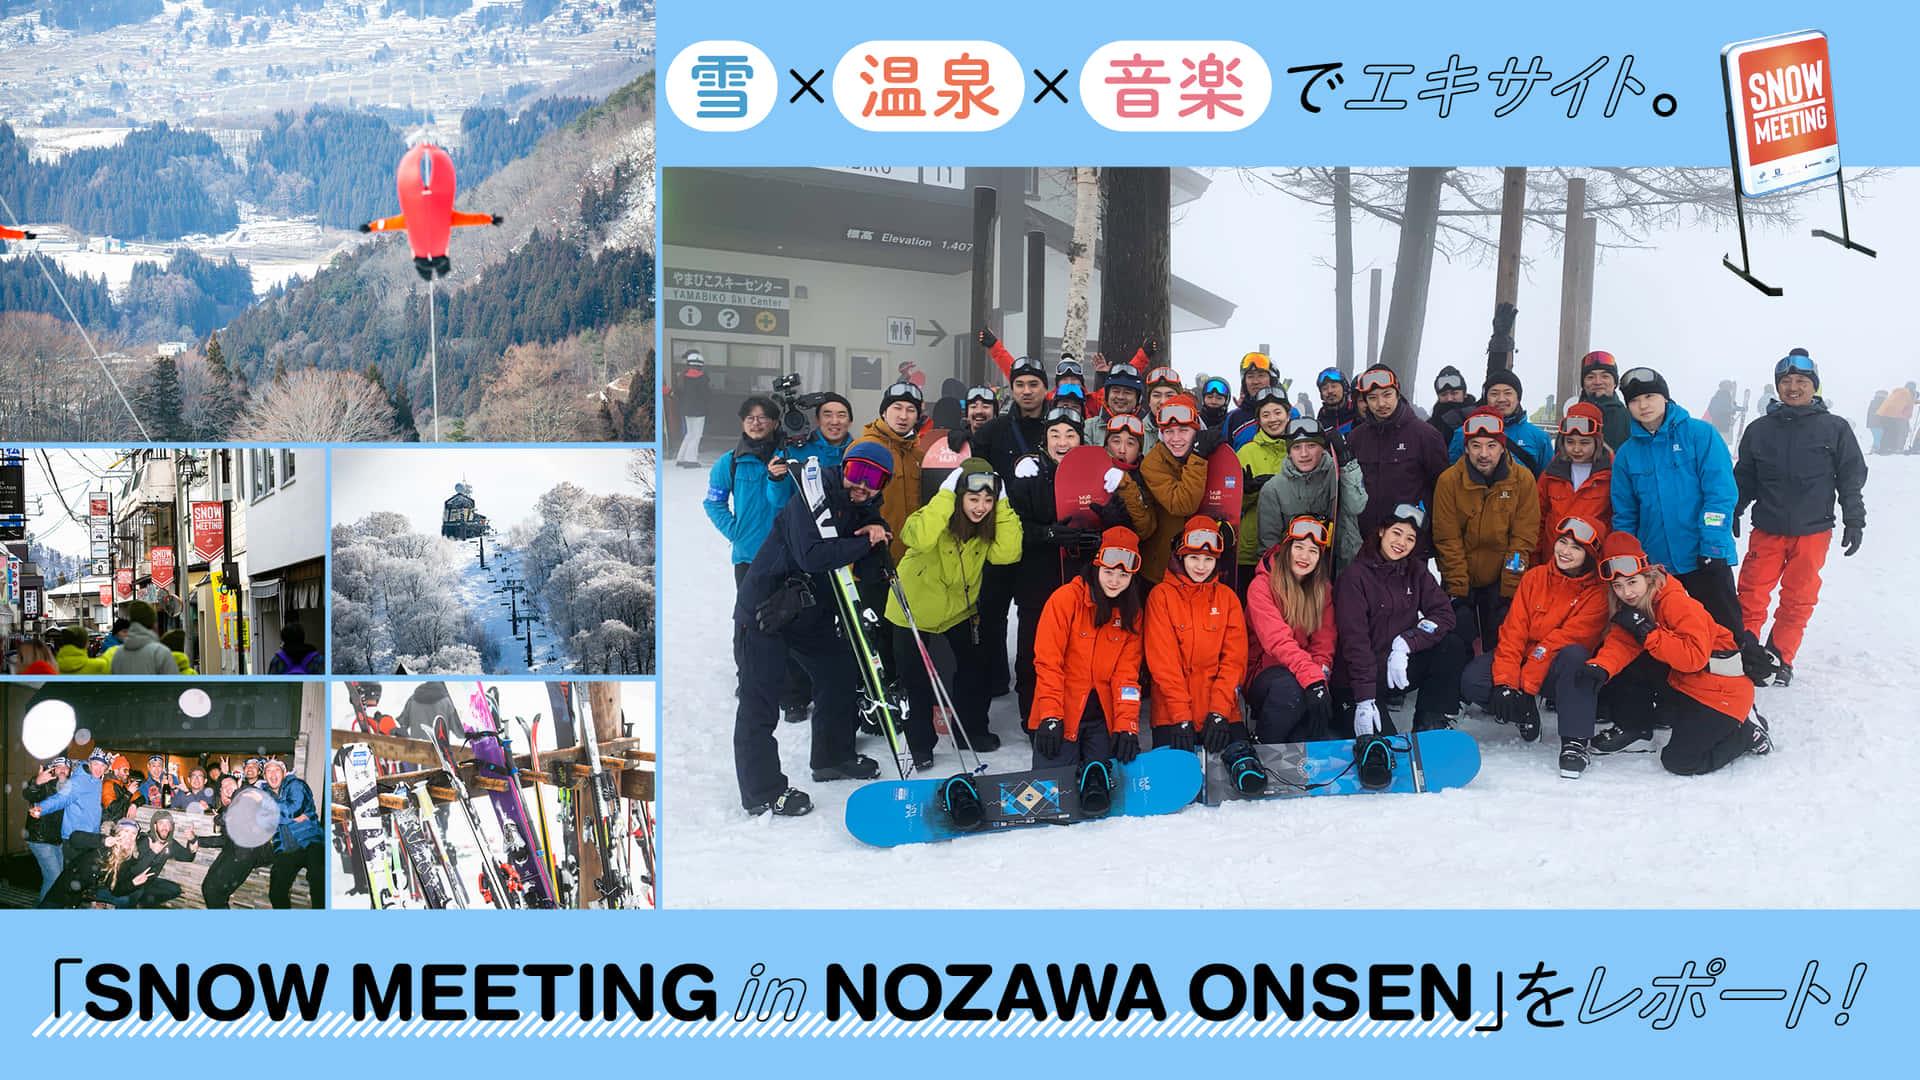 雪×温泉×音楽でエキサイト。アメアスポーツジャパンとビームスが仕掛けた「SNOW MEETING in NOZAWA ONSEN」をレポート!